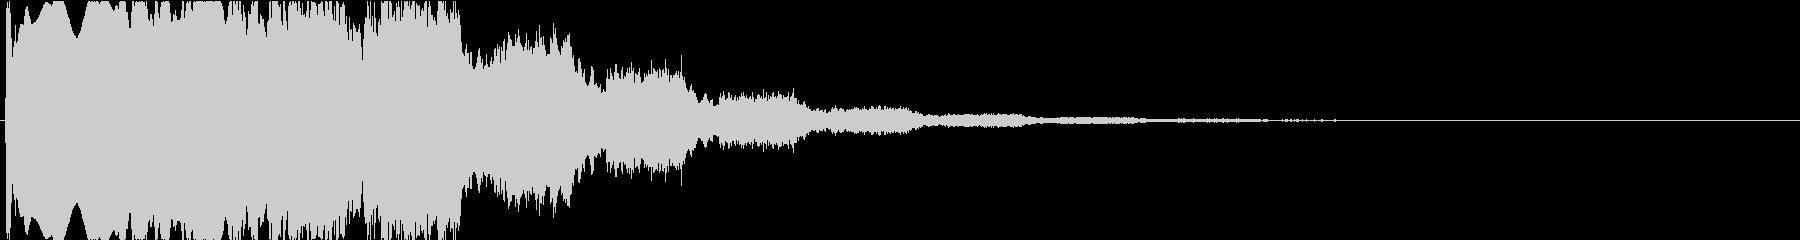 ゲーム:何か怪しいものを見つけた時の音3の未再生の波形